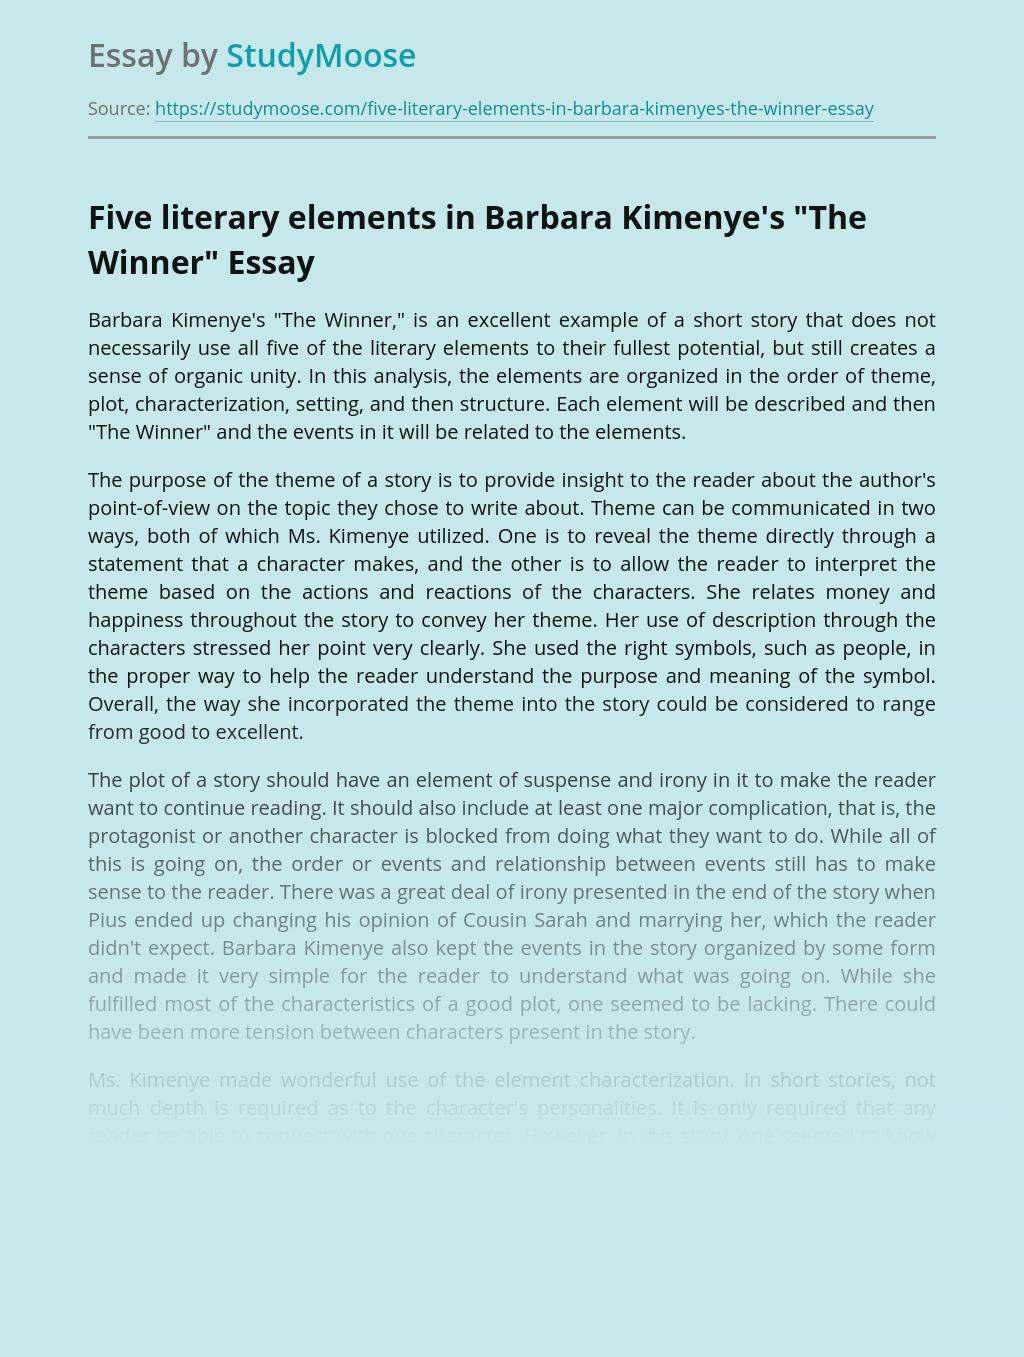 Five literary elements in Barbara Kimenye's